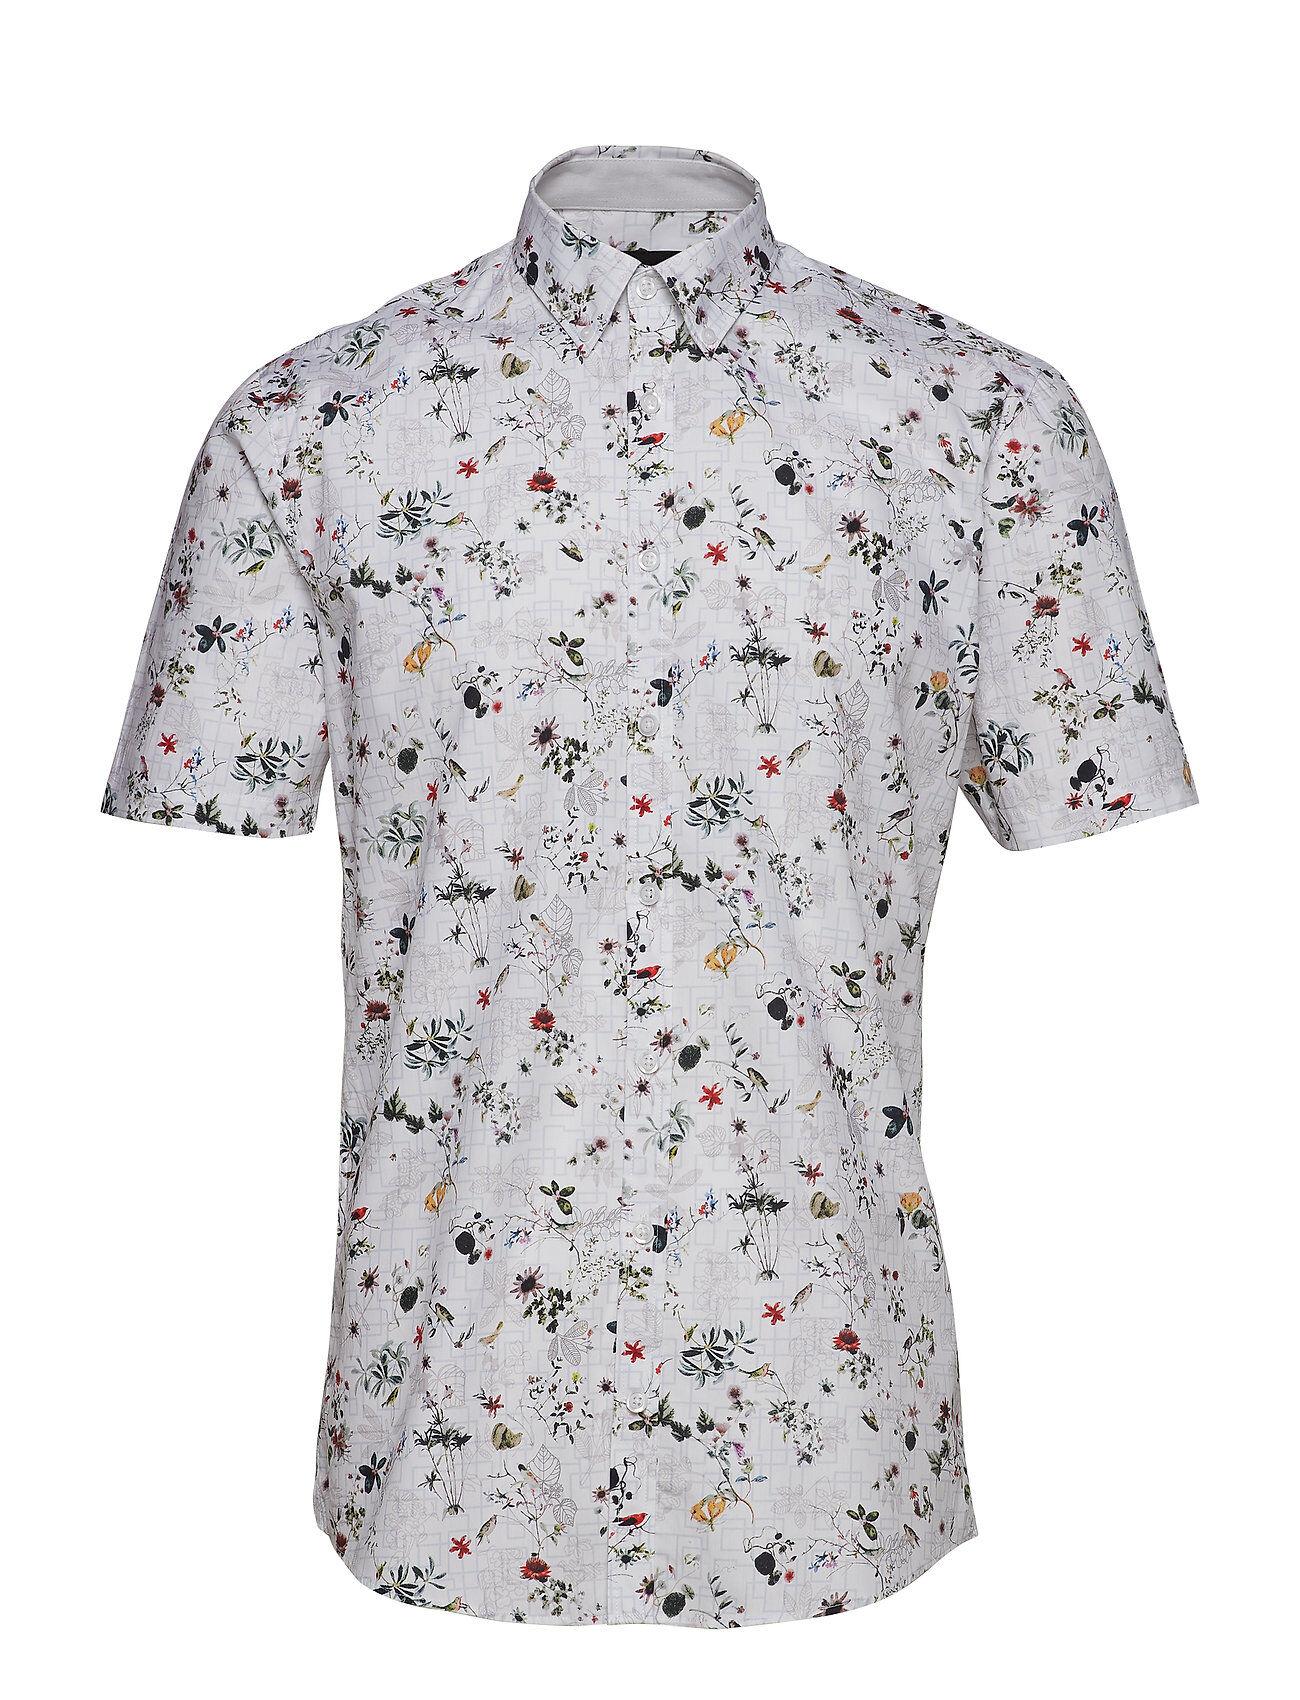 Lindbergh Floral Cotton Shirt S/S